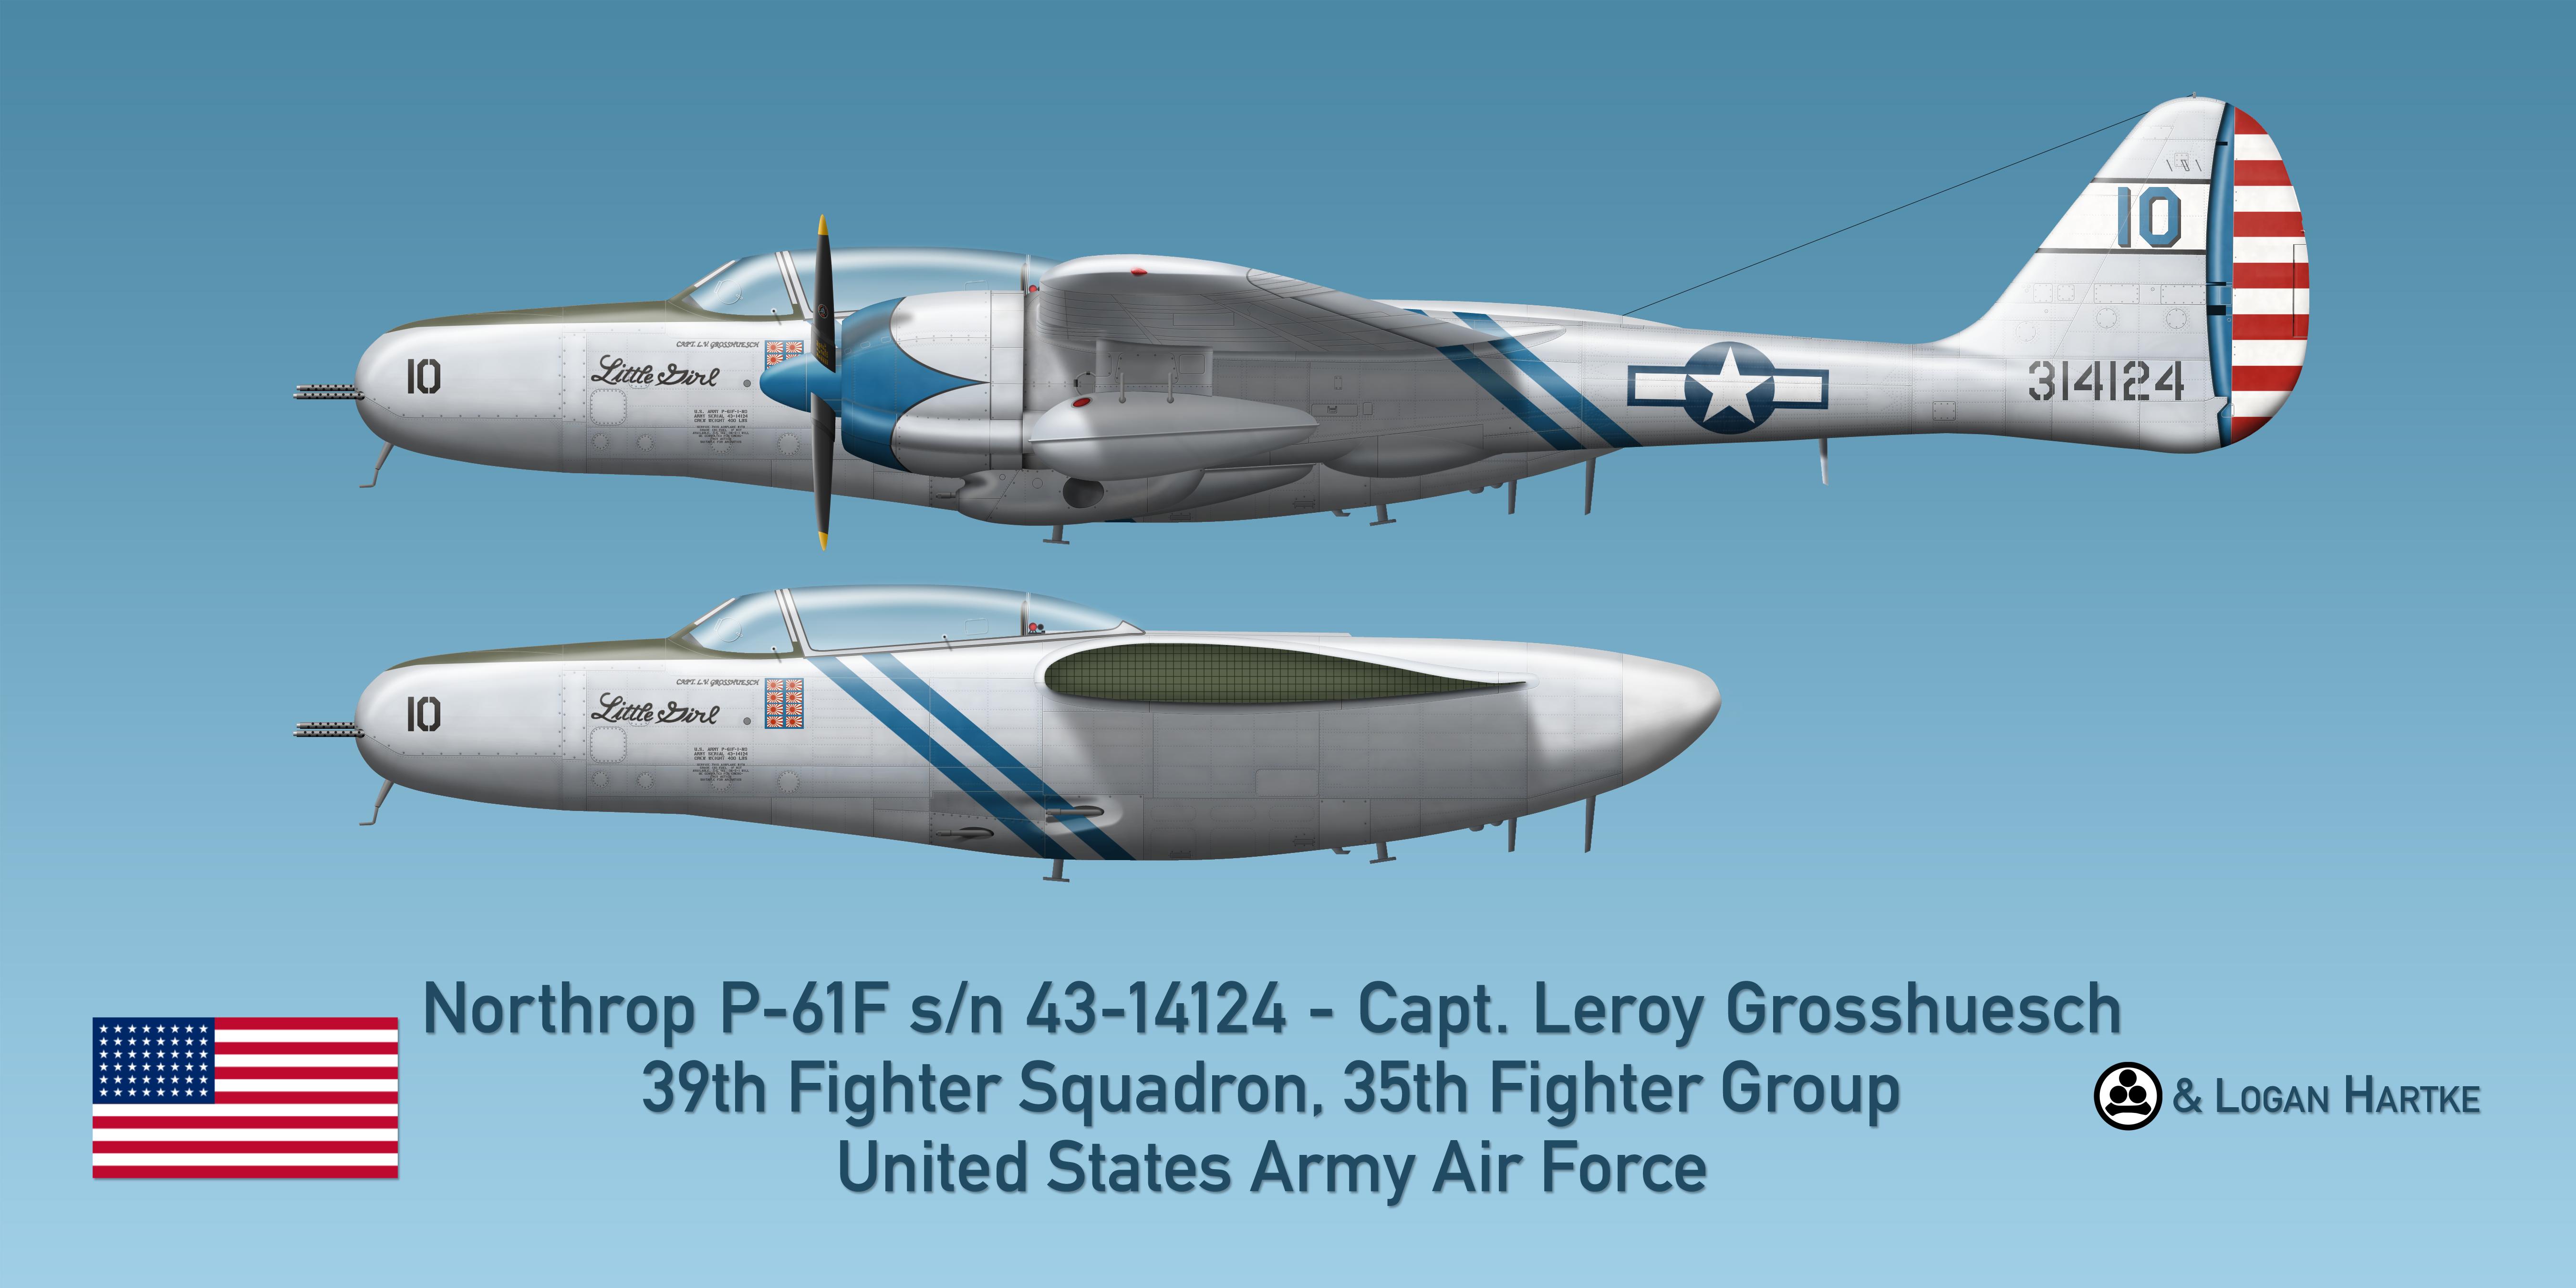 Northrop P-61F - Little Girl - Capt. Grosshuesch